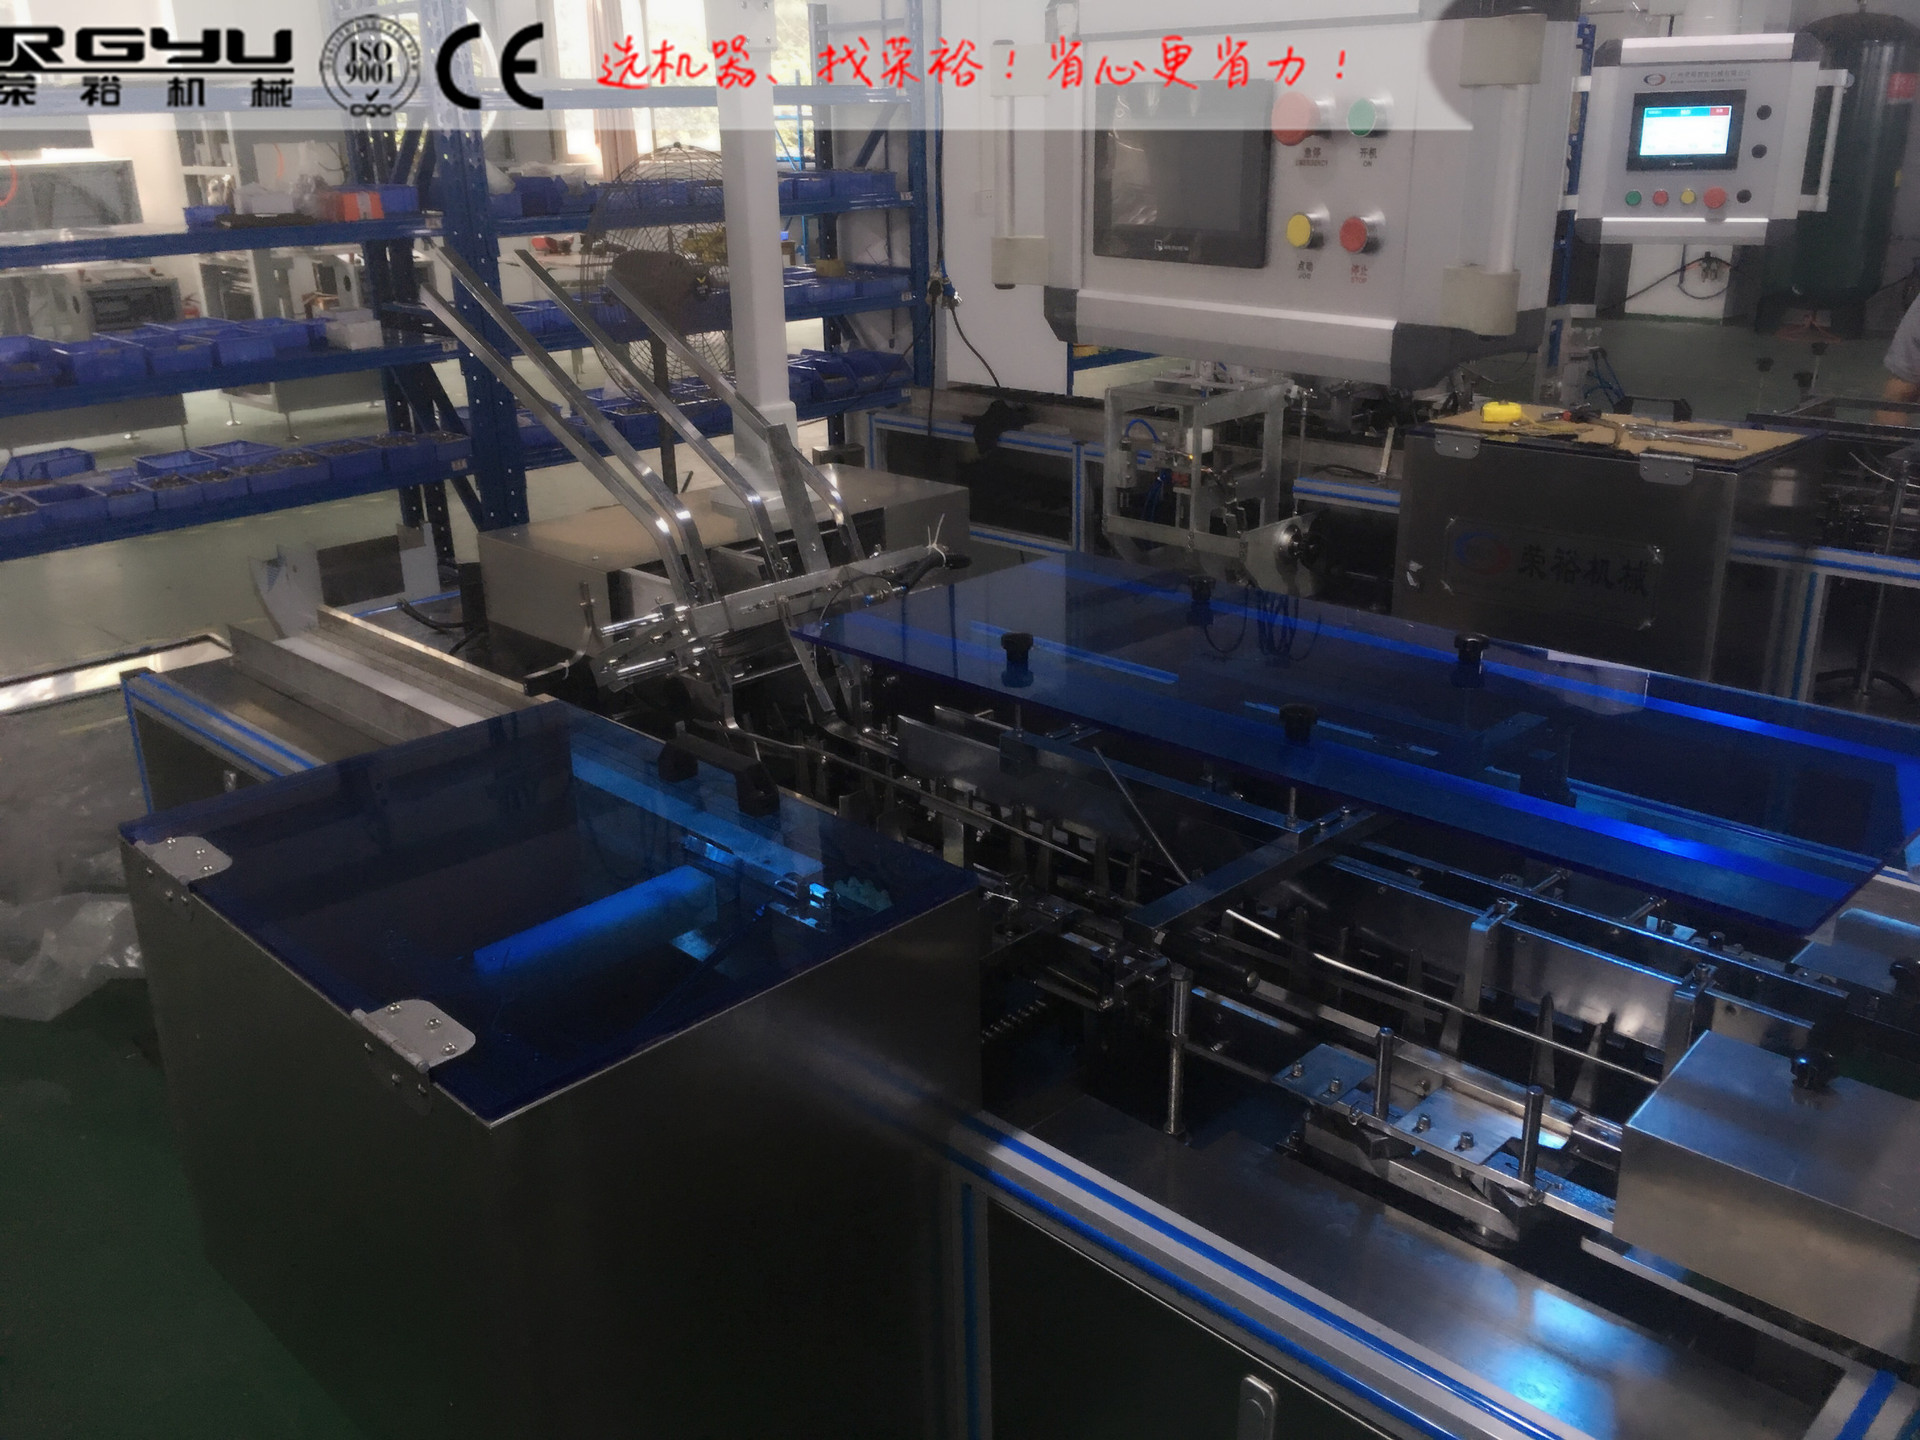 食品全自动装盒机 广州日用品自动包装设备 广州自动生产流水线示例图133